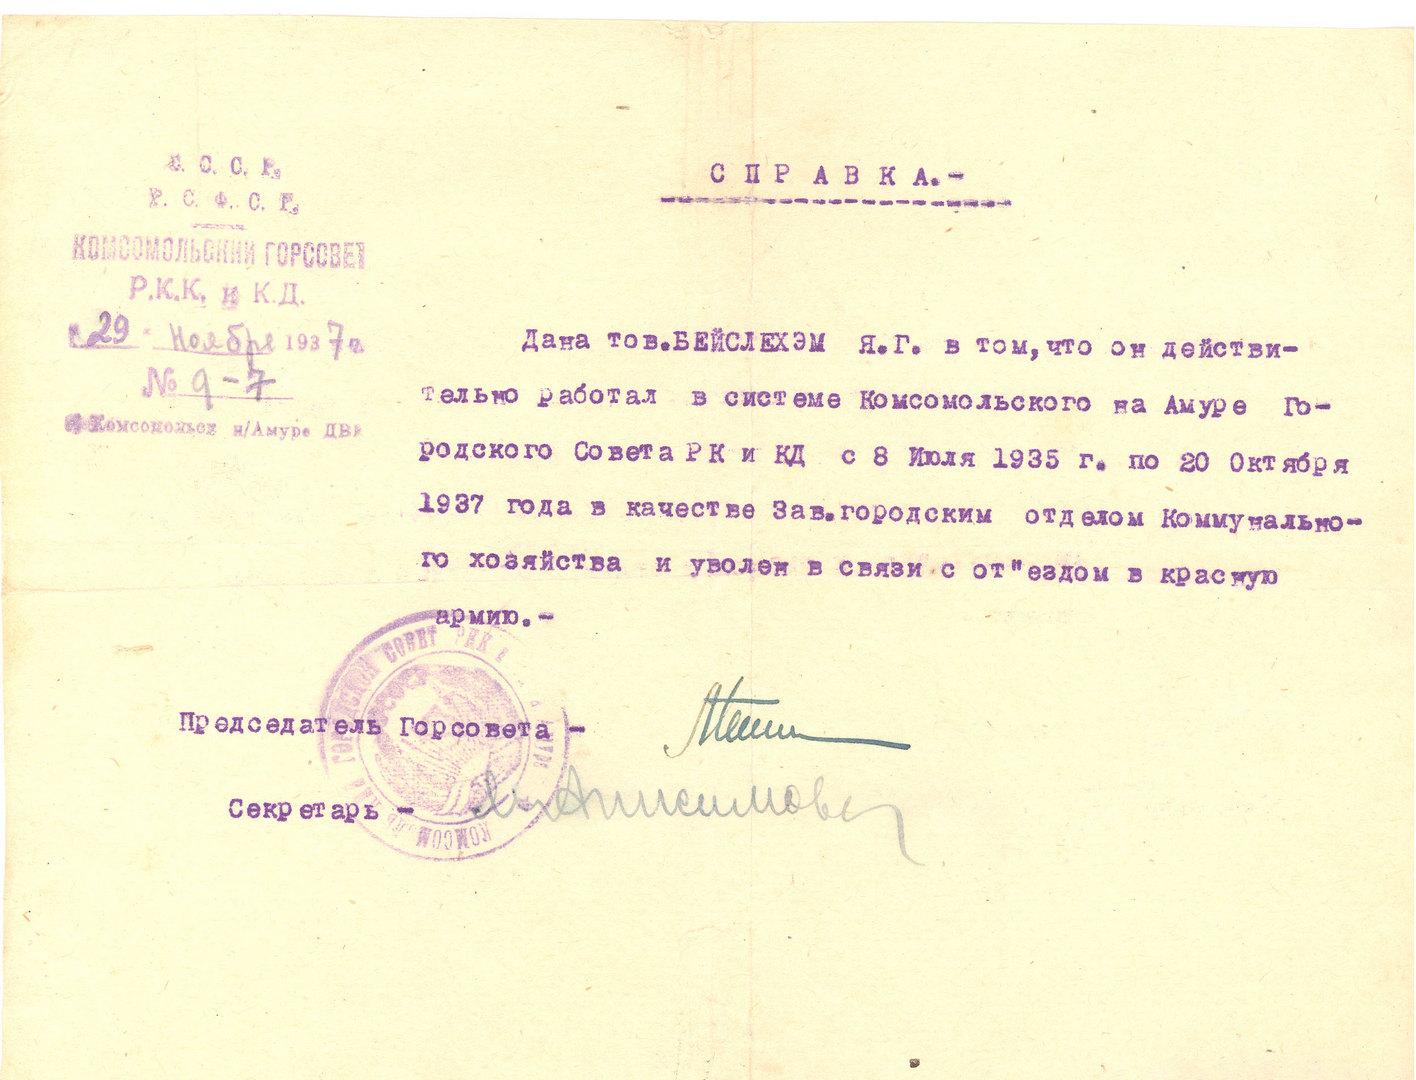 Справка № 9-7 о работе в системе Комсомольского н-А городского Совета РК и КД  заведующим городским отделом коммунального